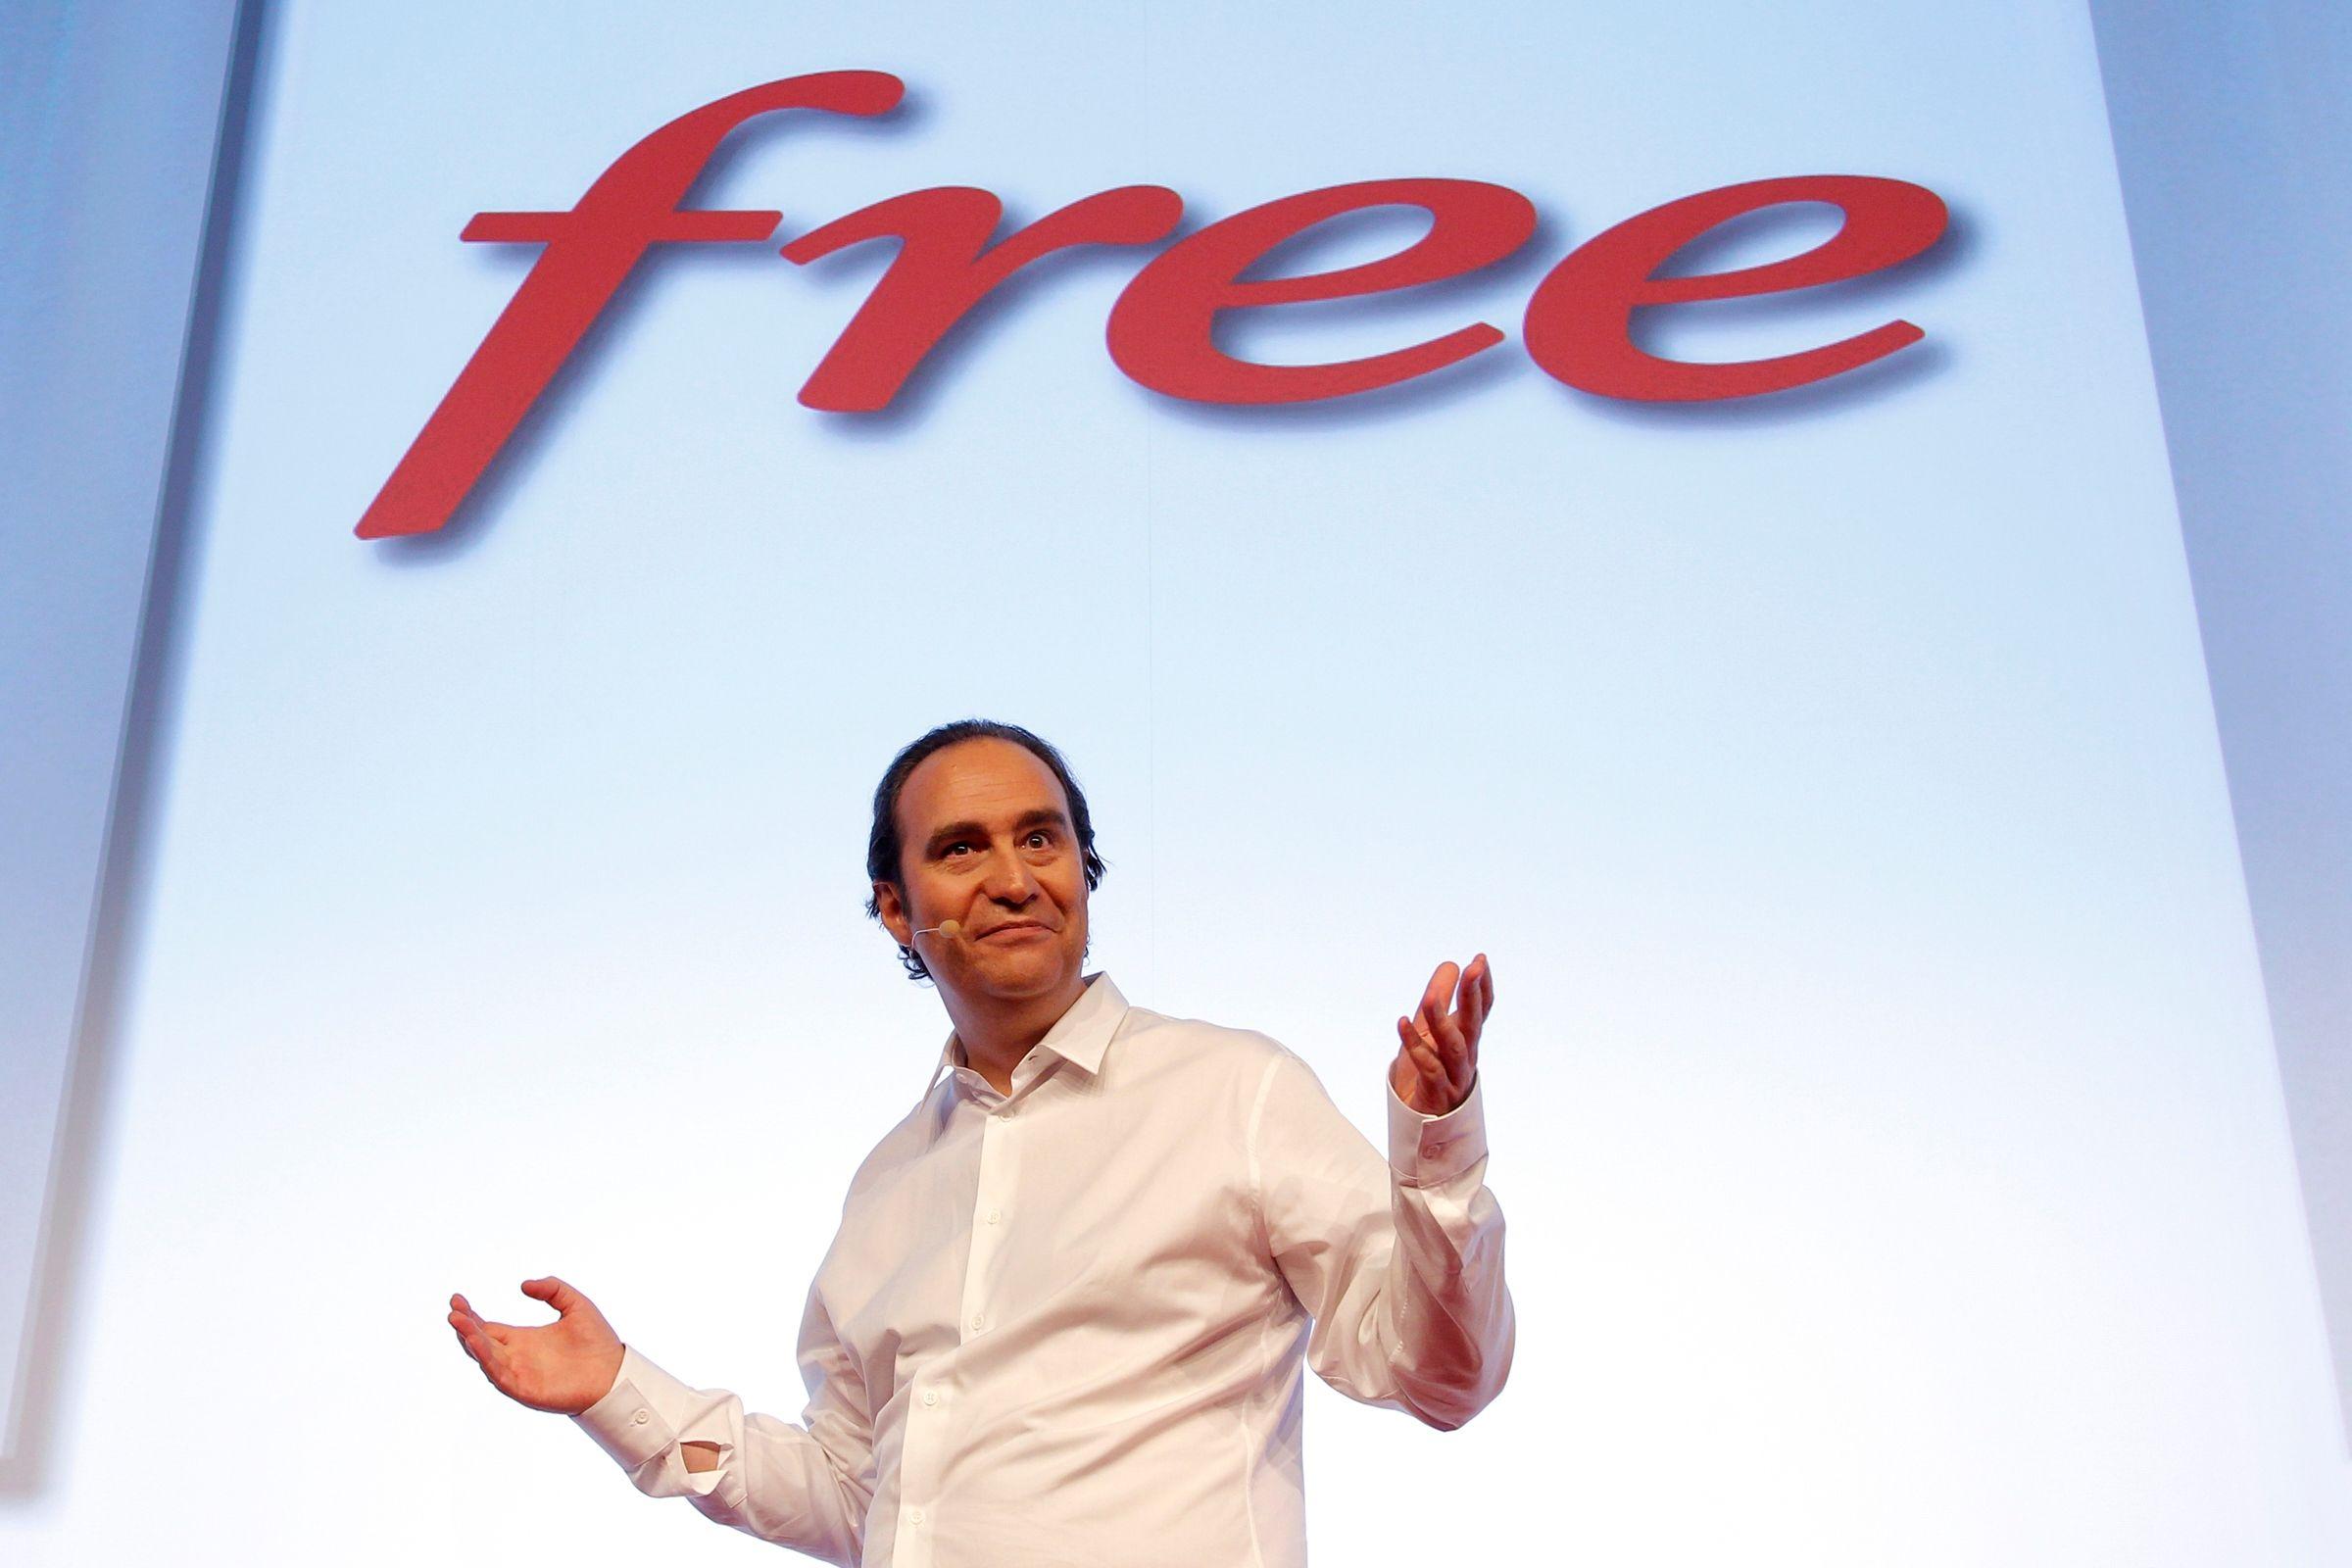 Depuis l'arrivée de Free dans le secteur de la téléphonie mobile, le modèle « low-cost » est remis en cause régulièrement par ses détracteurs.